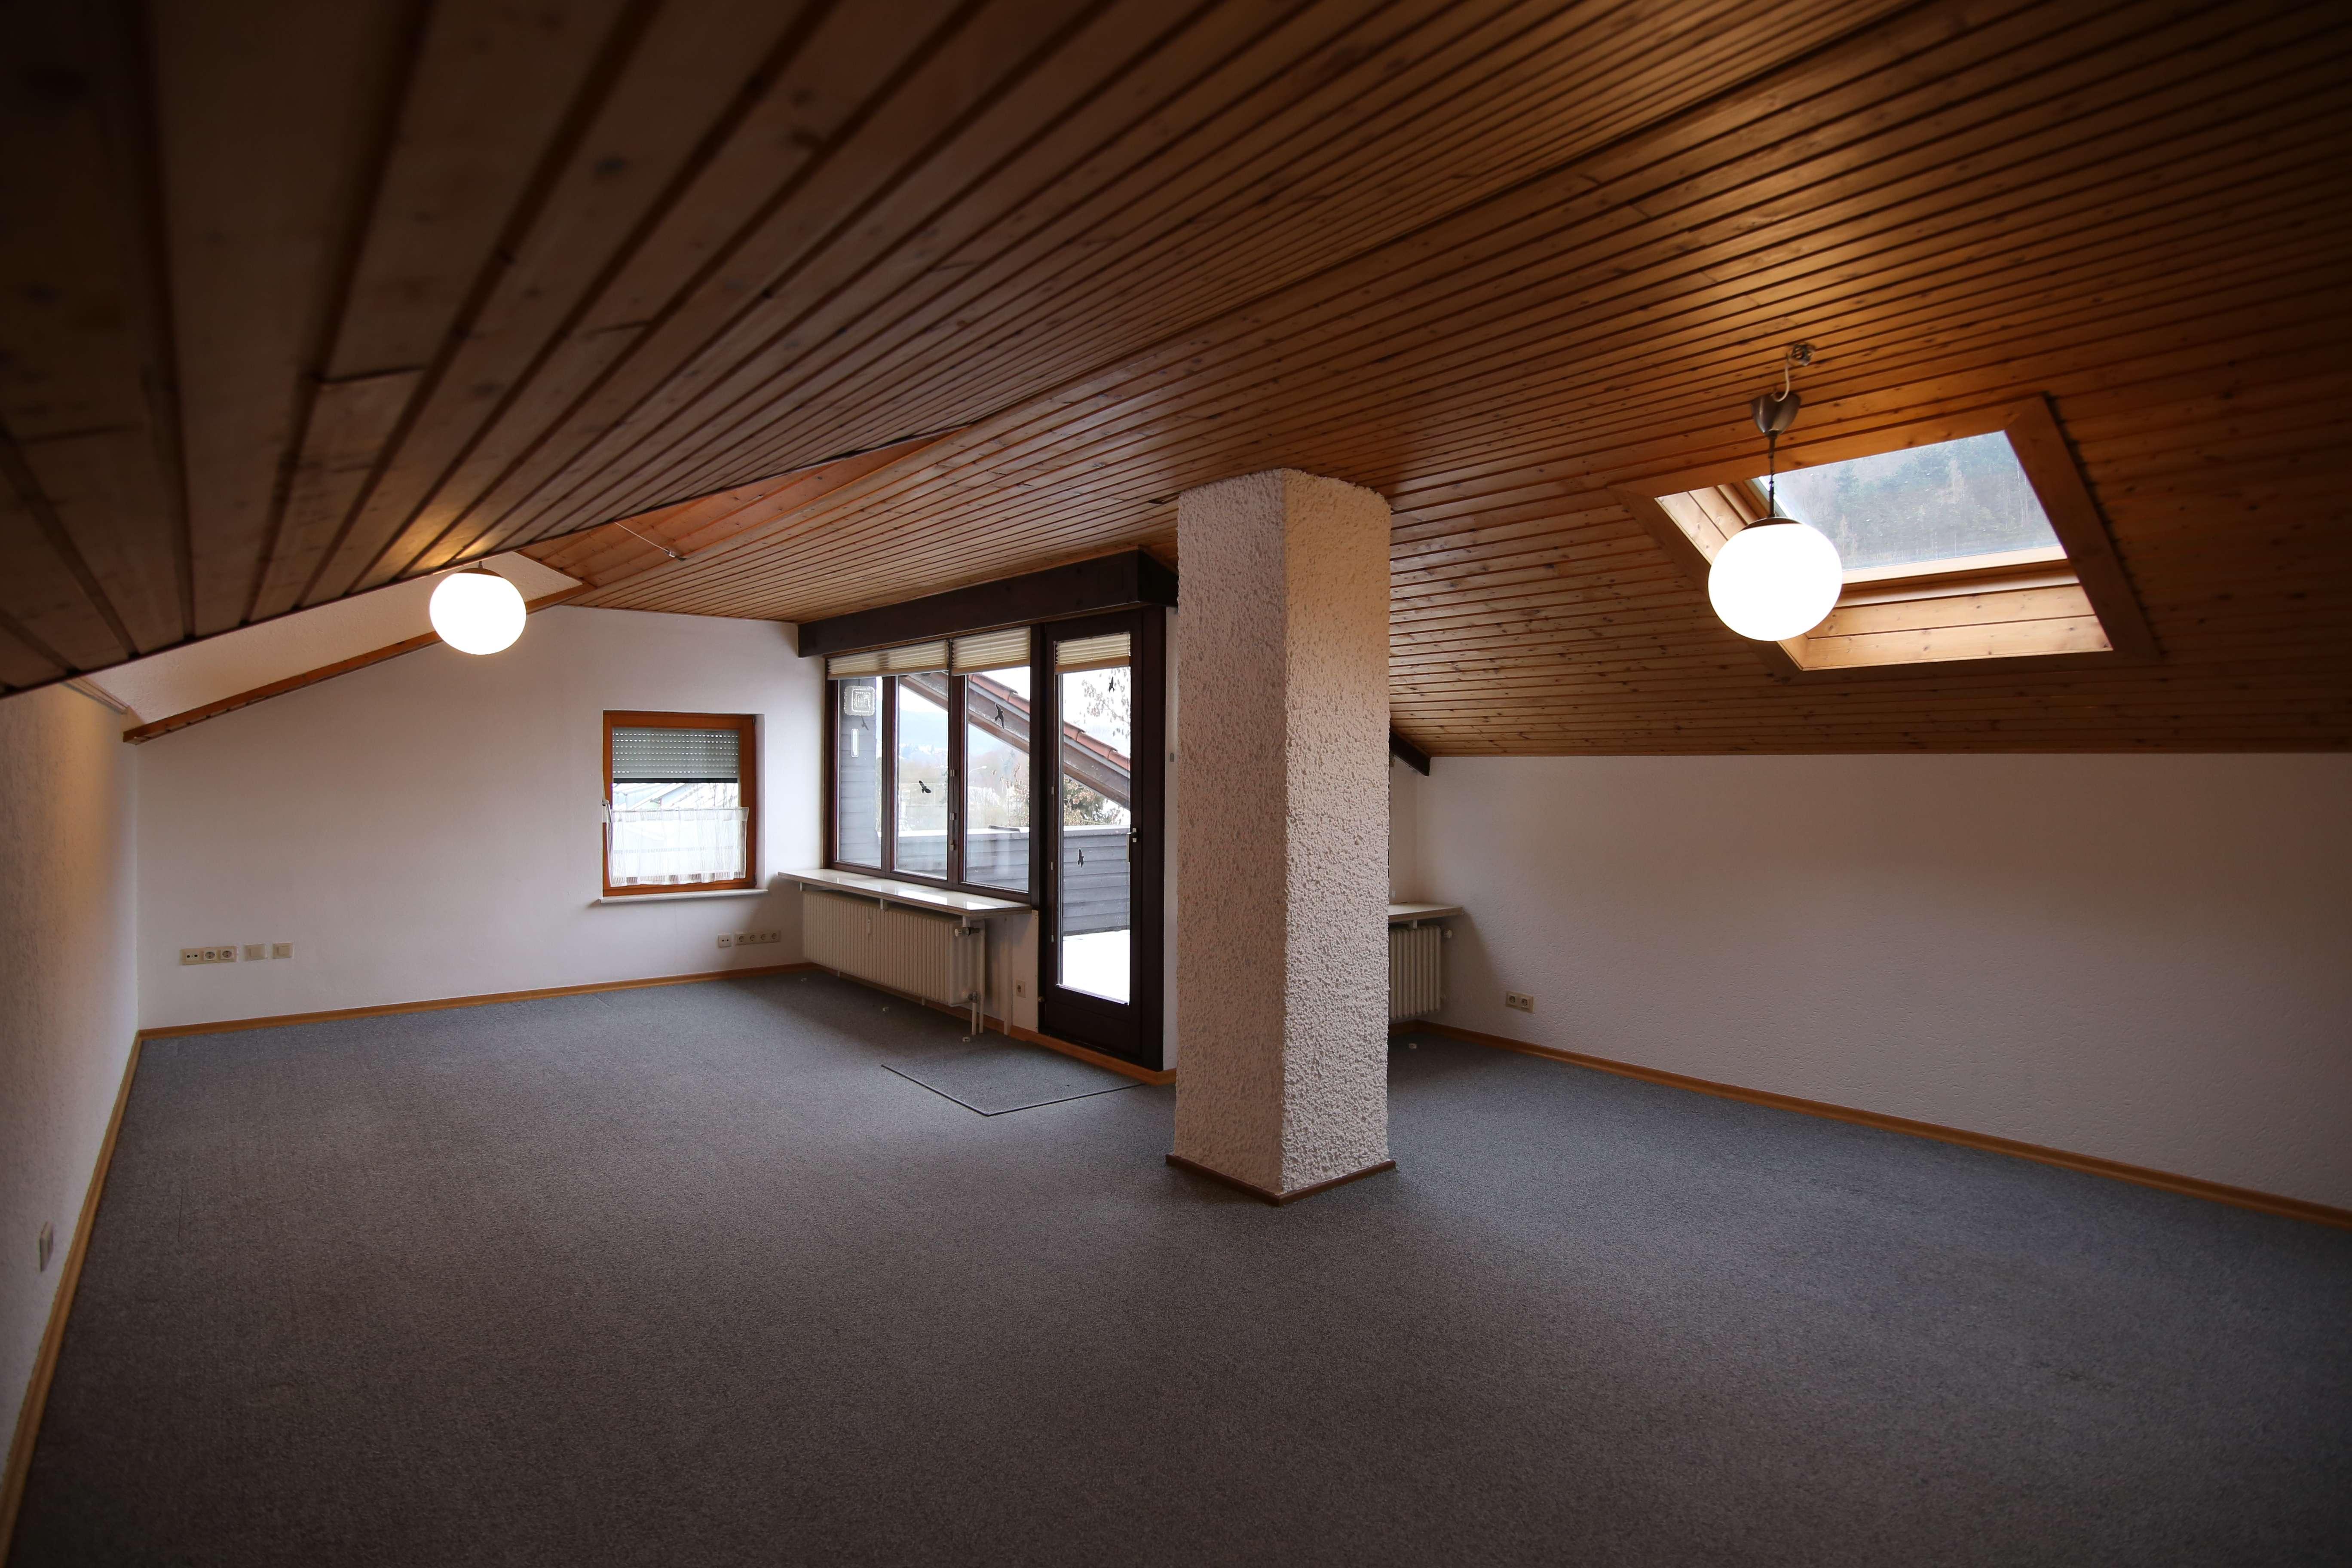 Günstige, geräumige und gepflegte 4-Zimmer-DG-Wohnung mit Balkon und Einbauküche in Riedenburg in Riedenburg